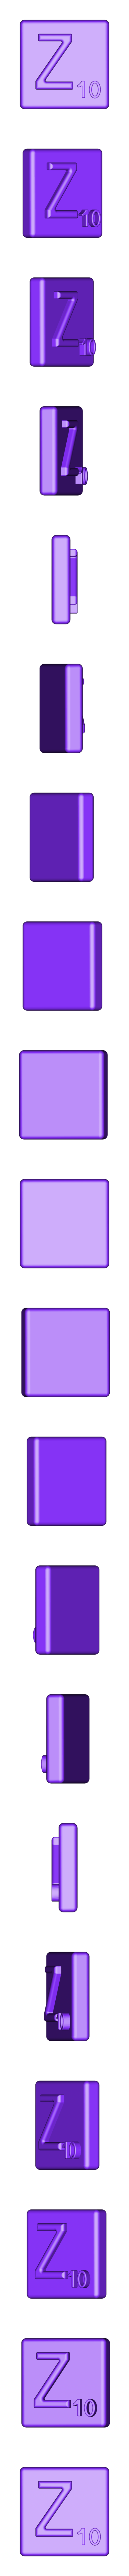 Single_Extruded_Z.STL Télécharger fichier STL gratuit Pièces et support SCRABBBLE • Design pour imprimante 3D, Balkhagal4D